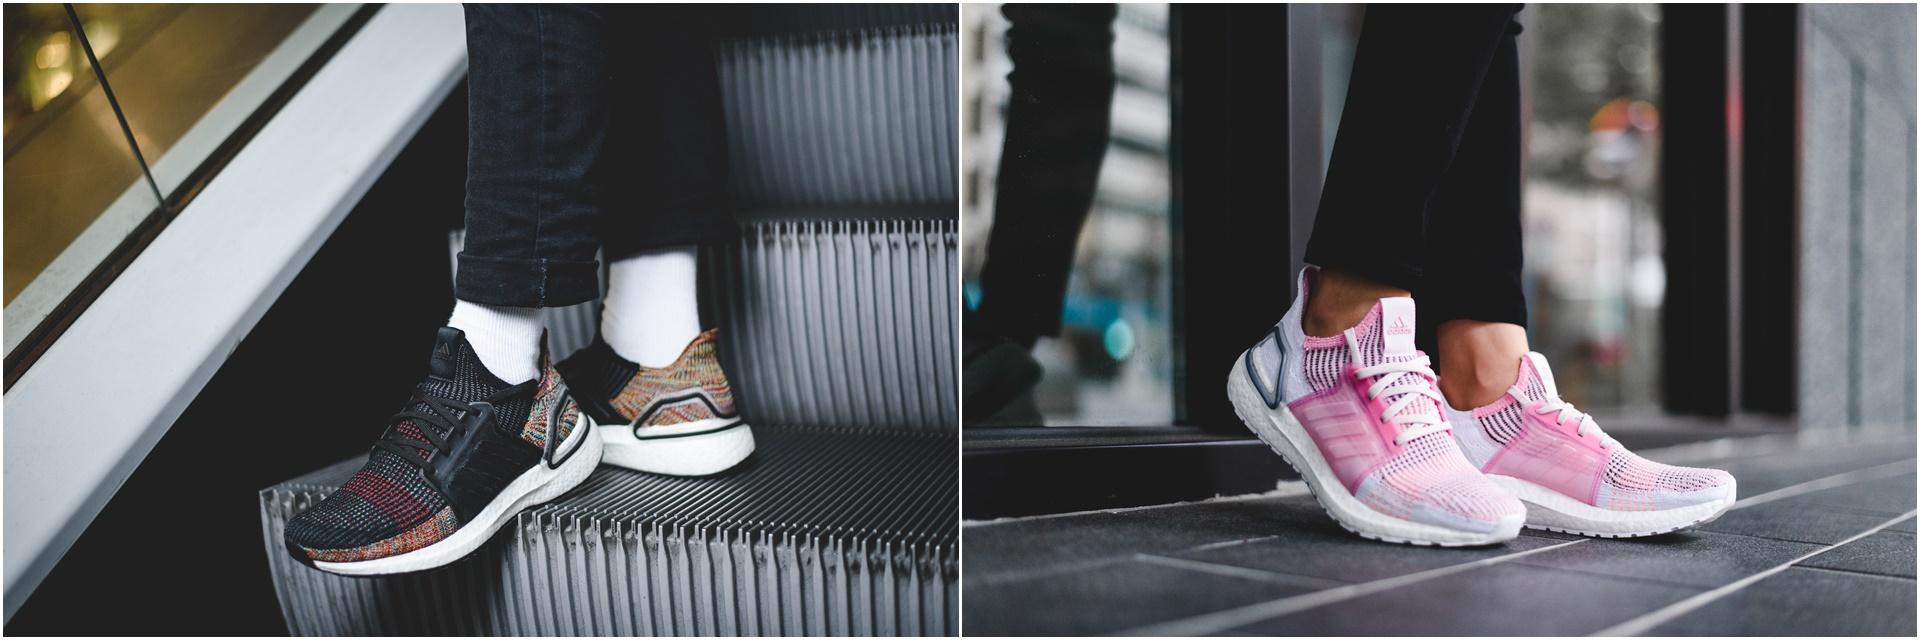 潮魂 2019 持續狂躁!adidas 最新神作 UltraBOOST 19 降臨,男、女款新色秒殺視線!